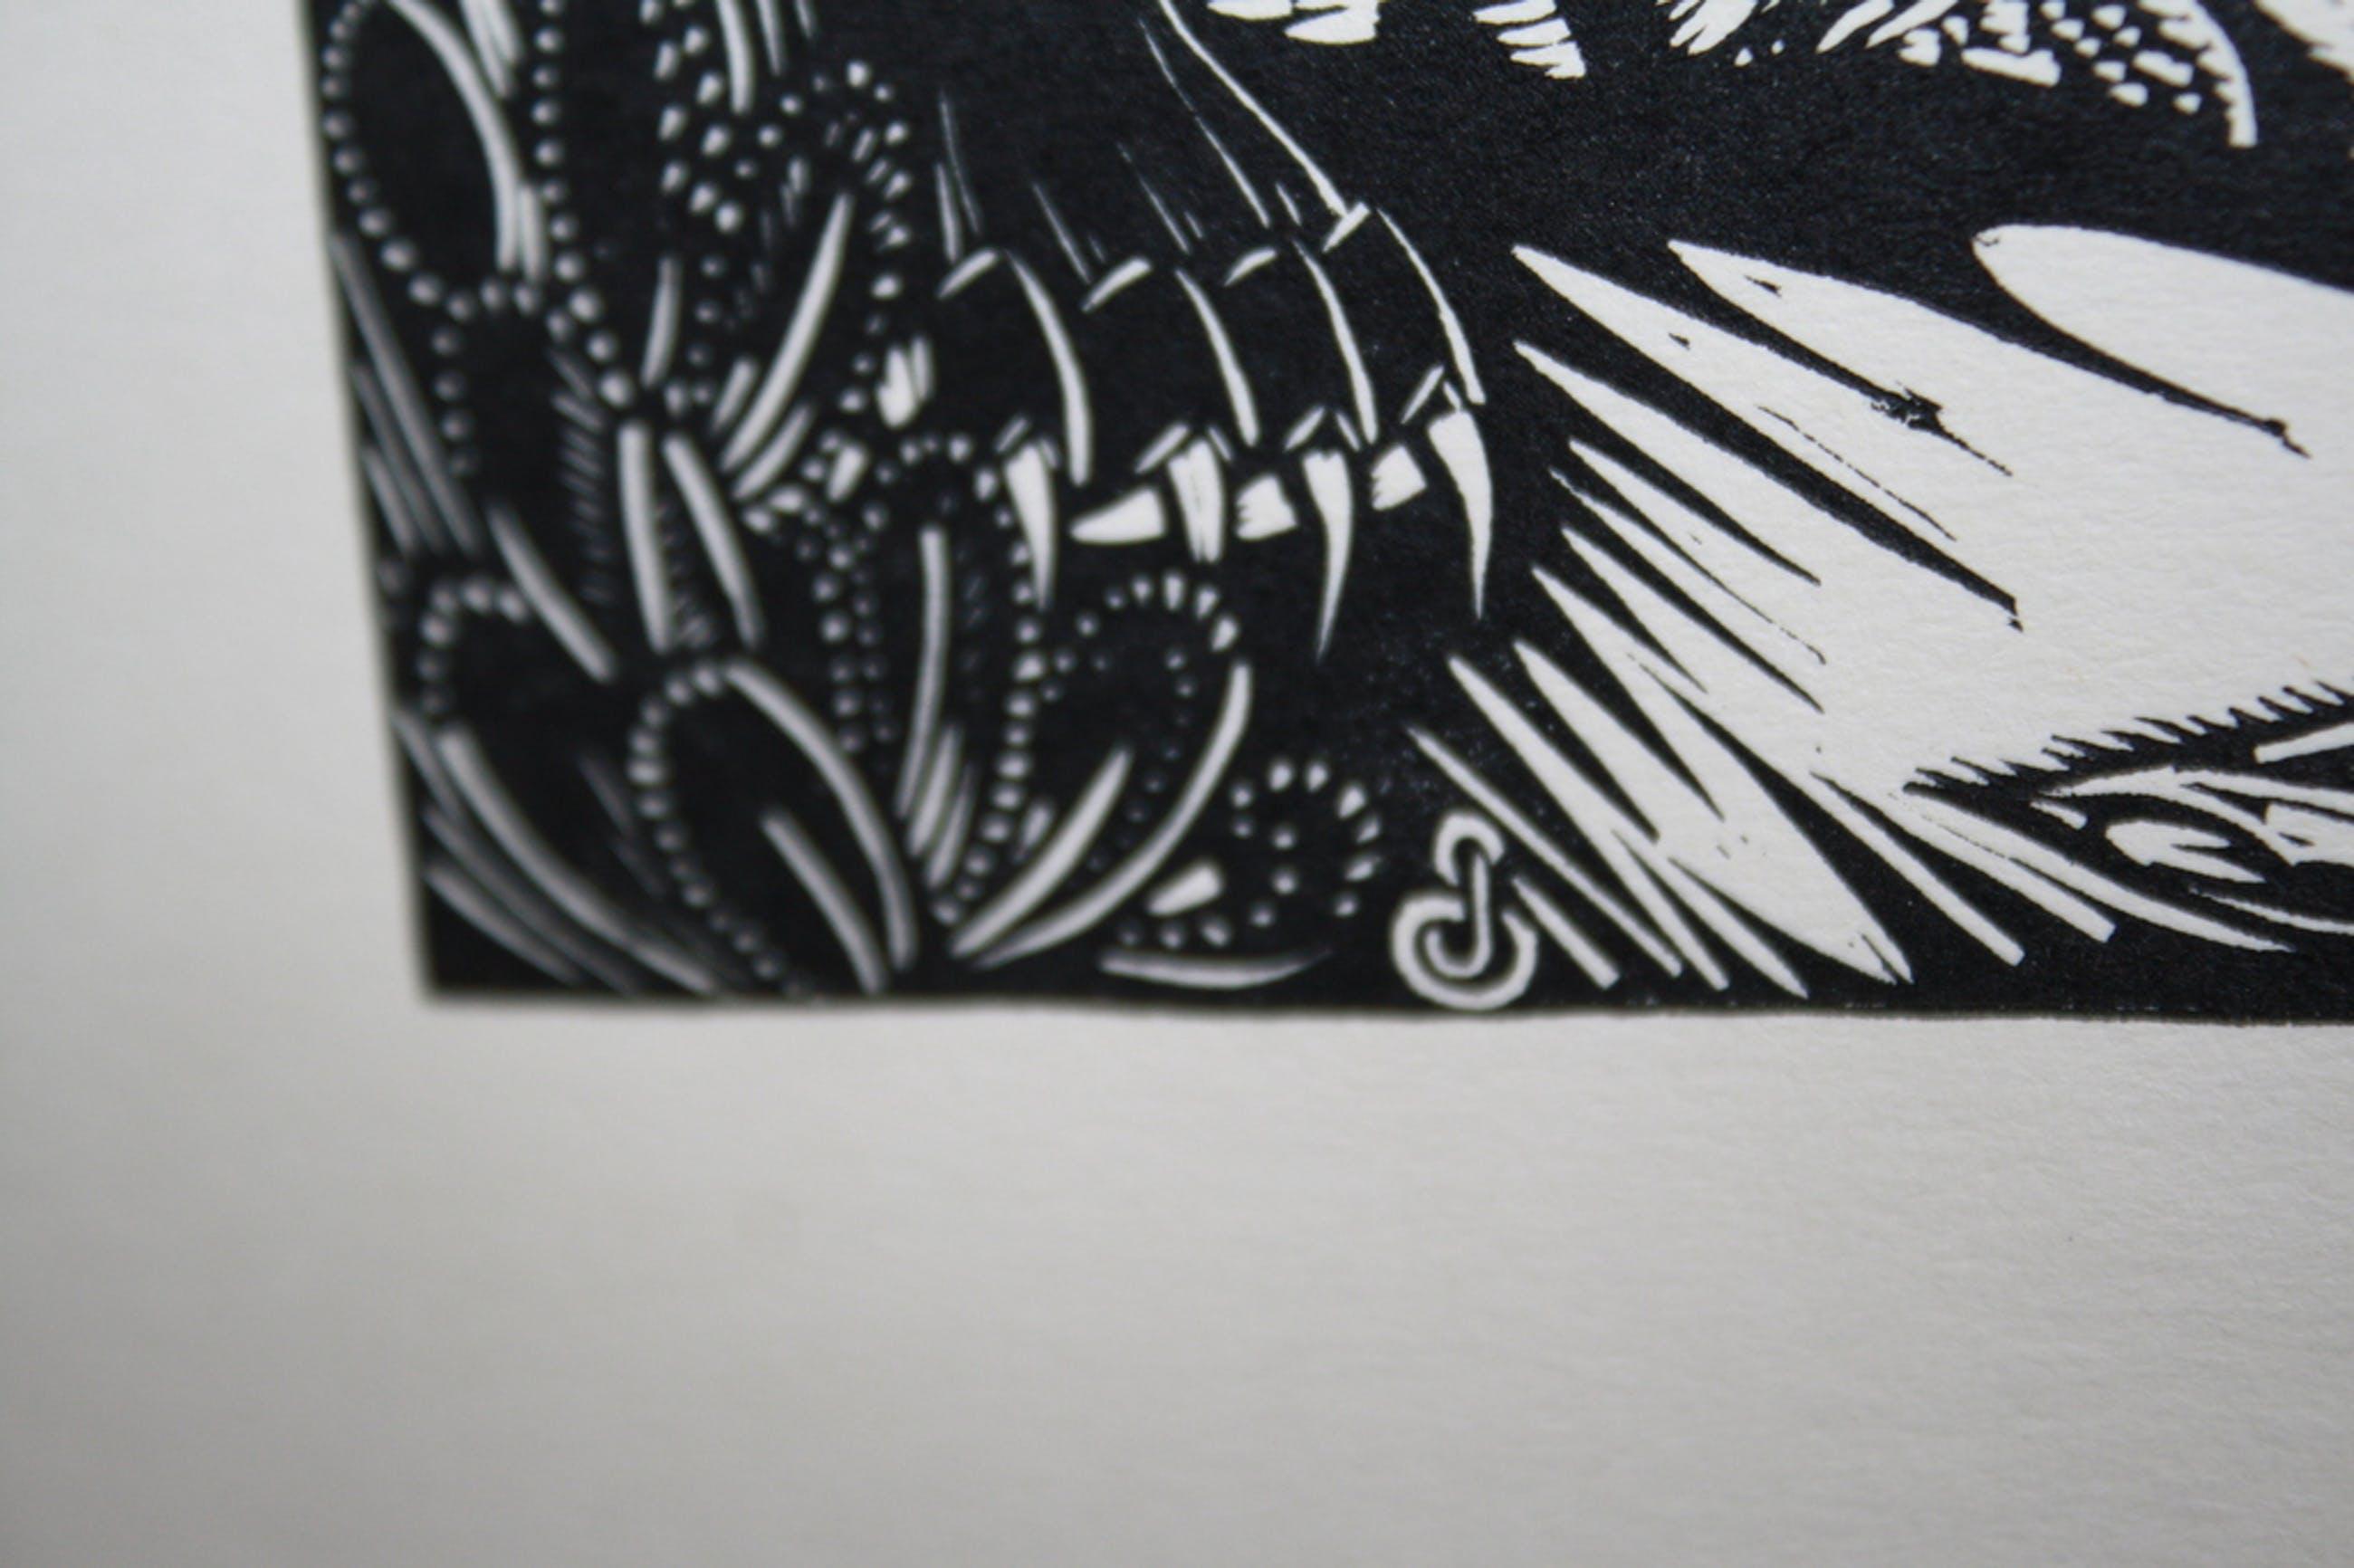 JAN SCHONK - ART DECO HOUTSNEDE 1926 -  LEEUW EN TIJGER kopen? Bied vanaf 40!